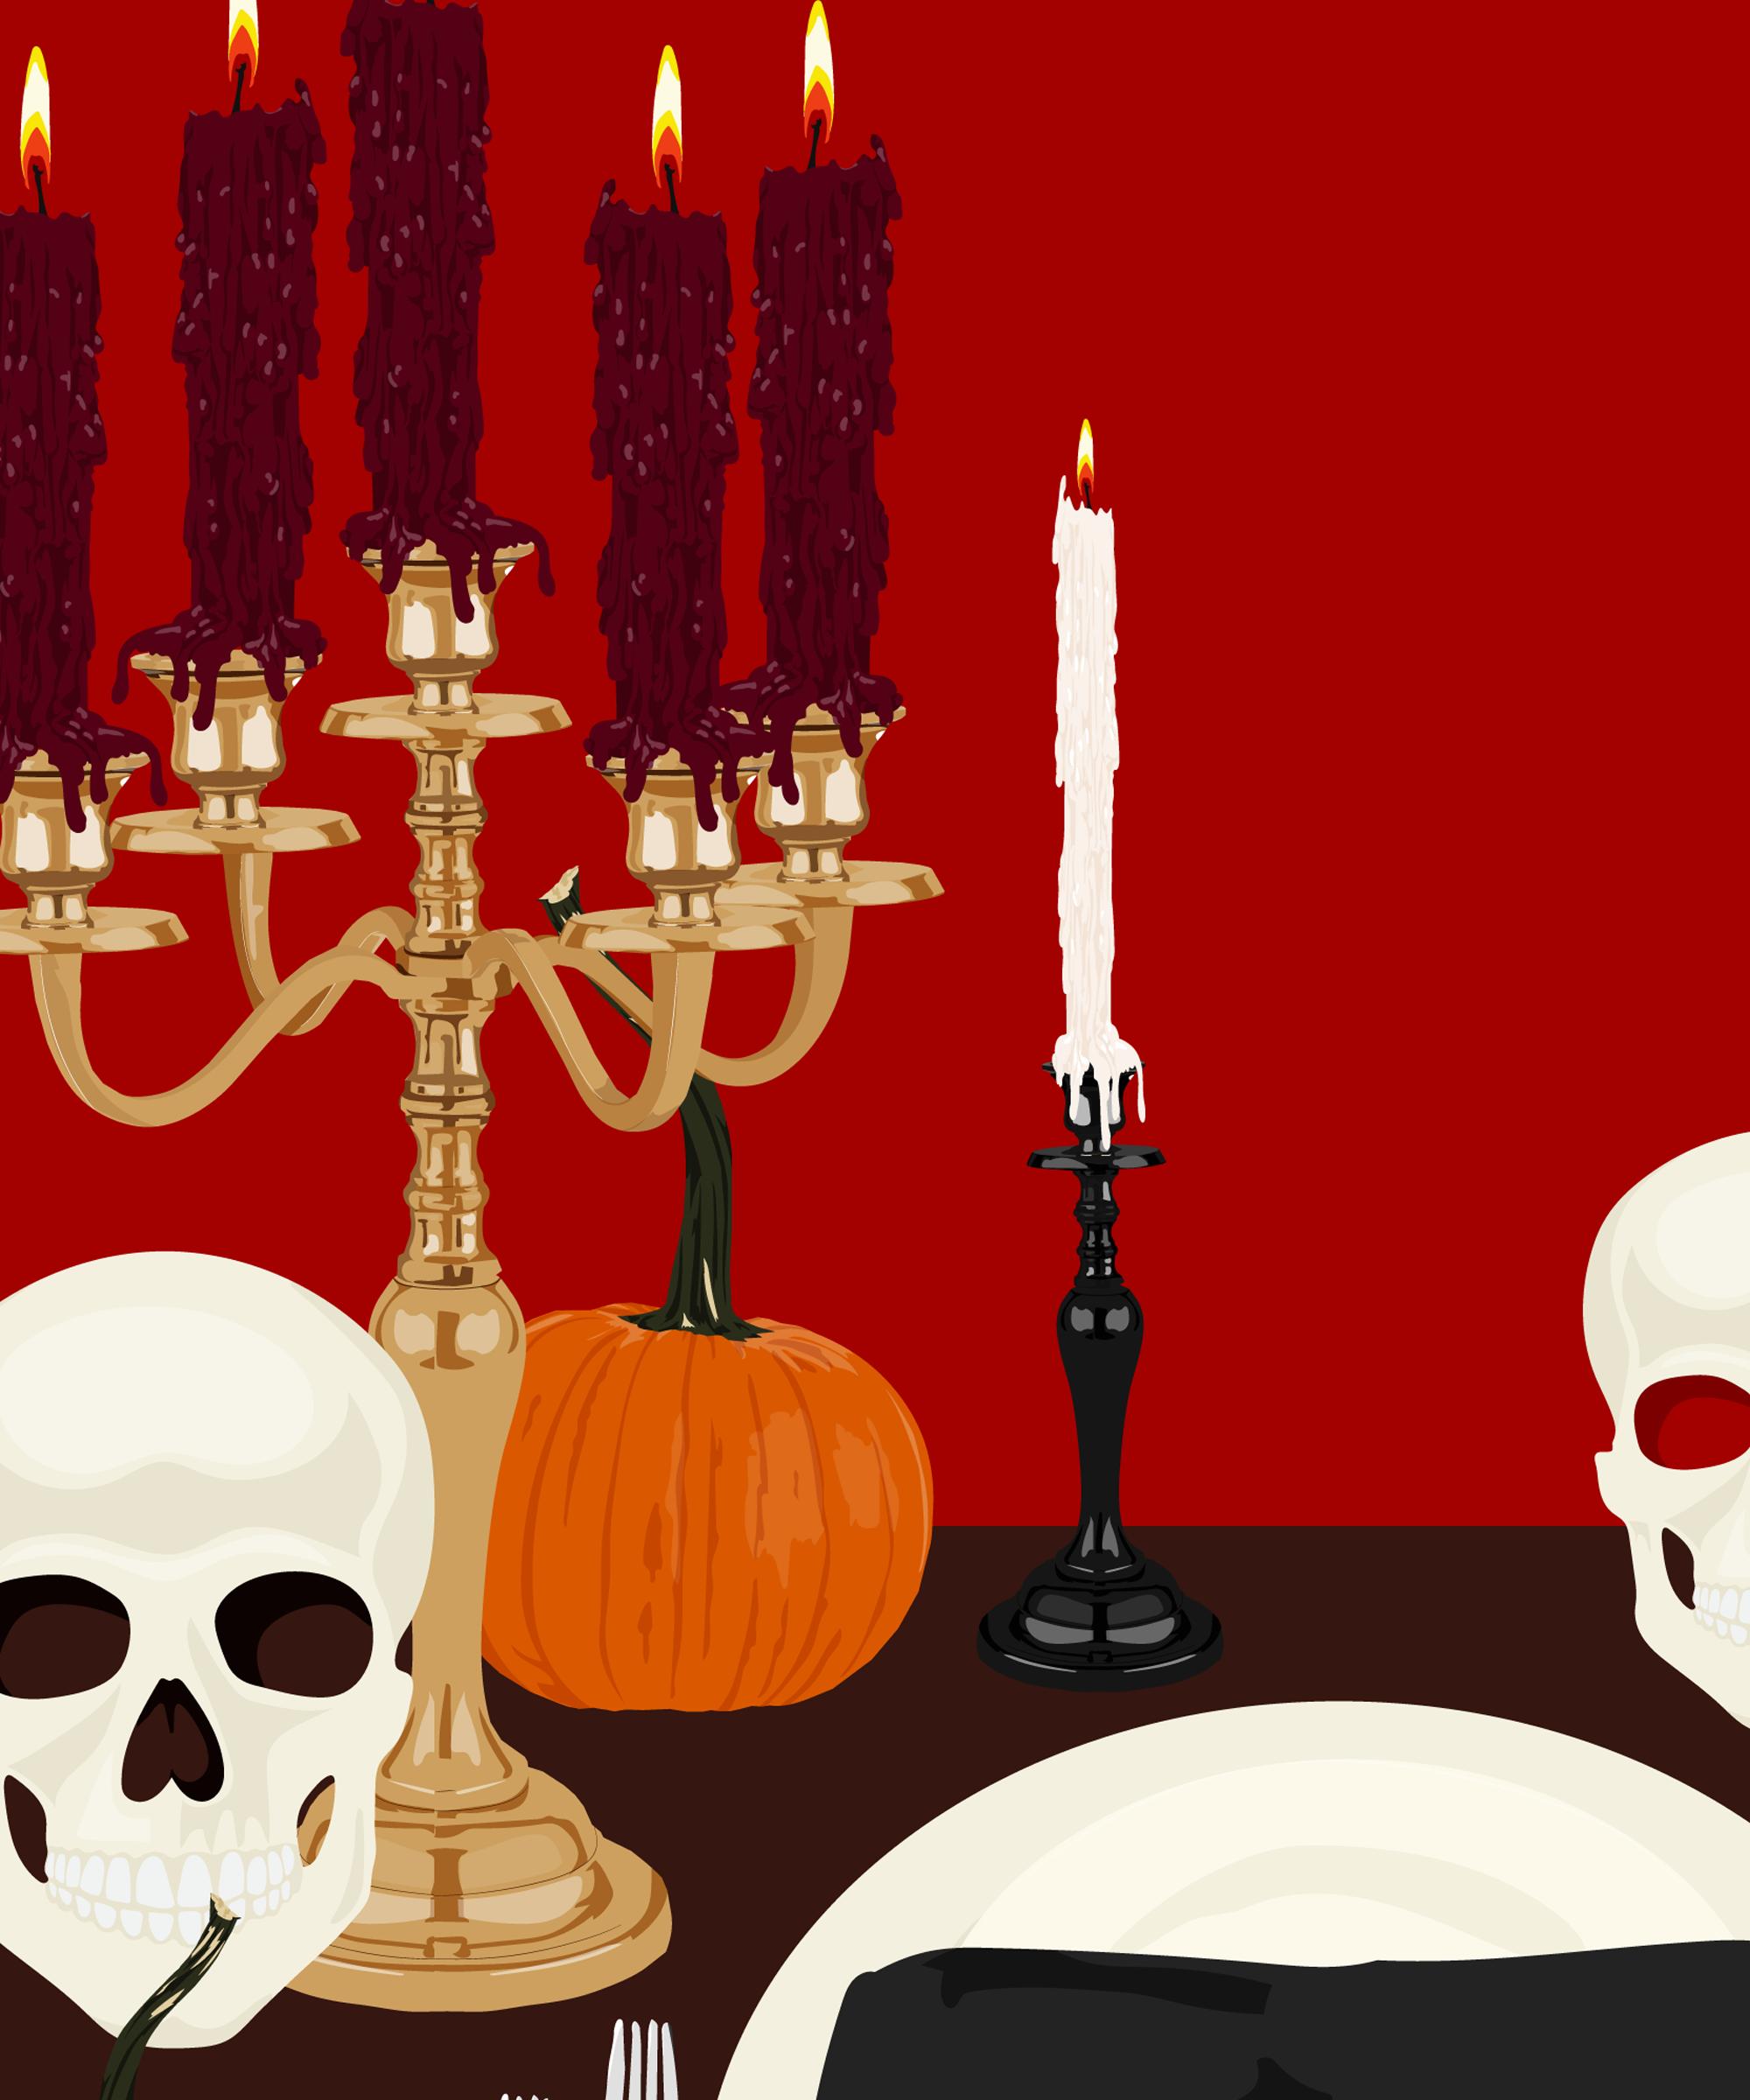 Hallo Halloween-Küche: 3 schaurig schöne Grusel-Rezepte